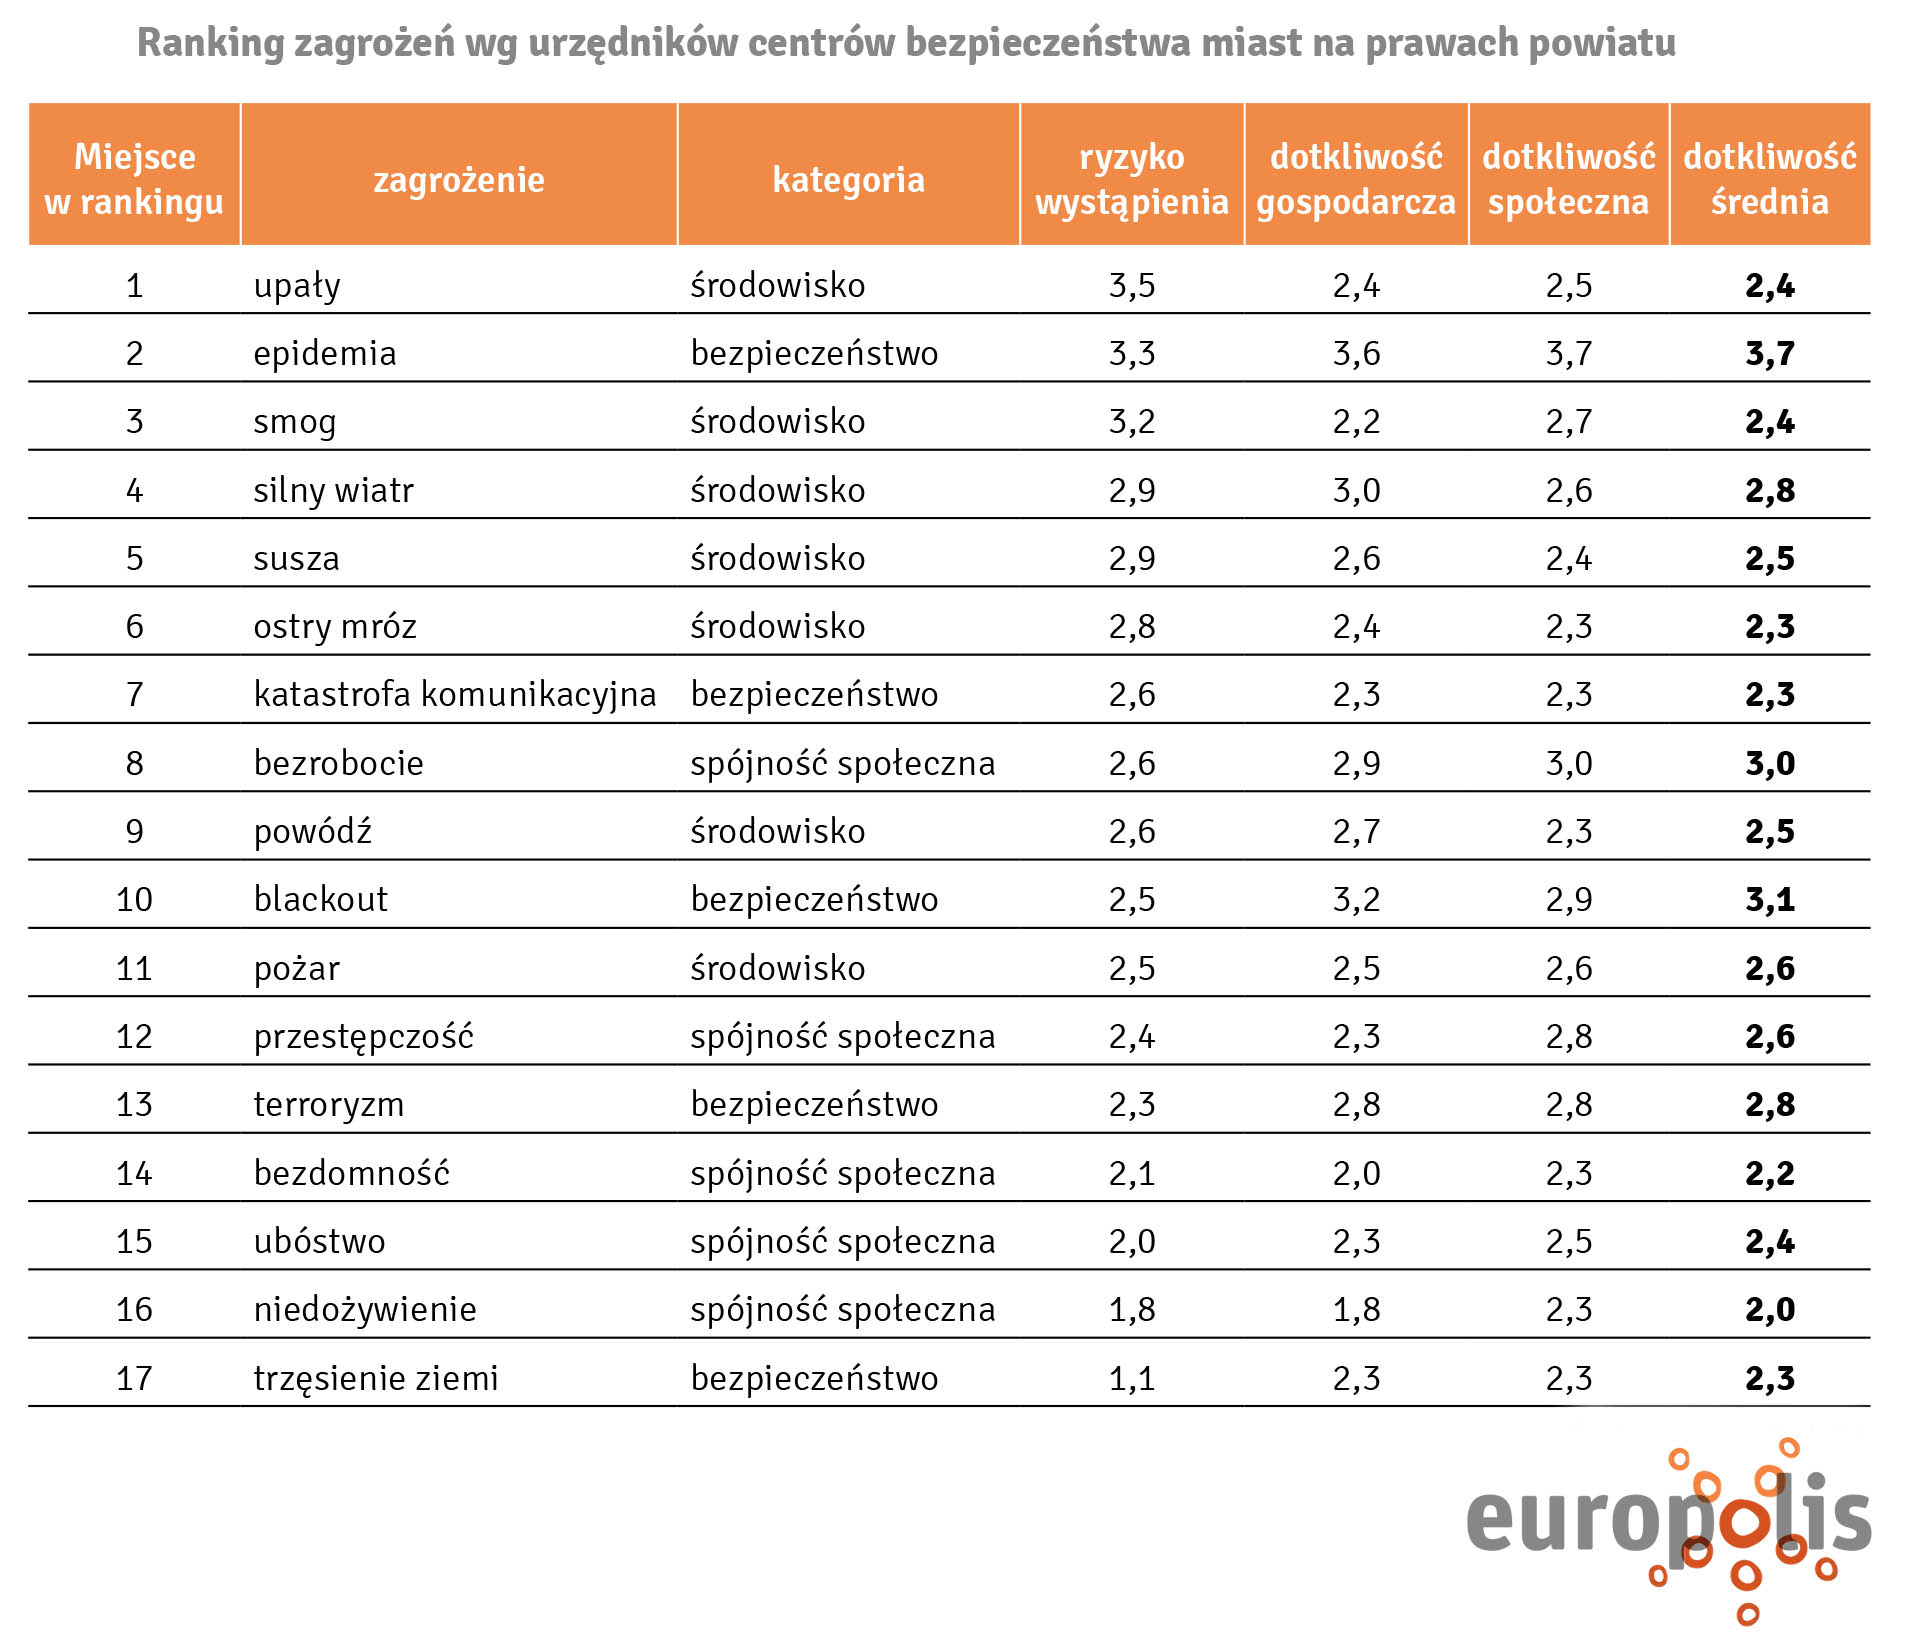 Raport Europolis_tabela